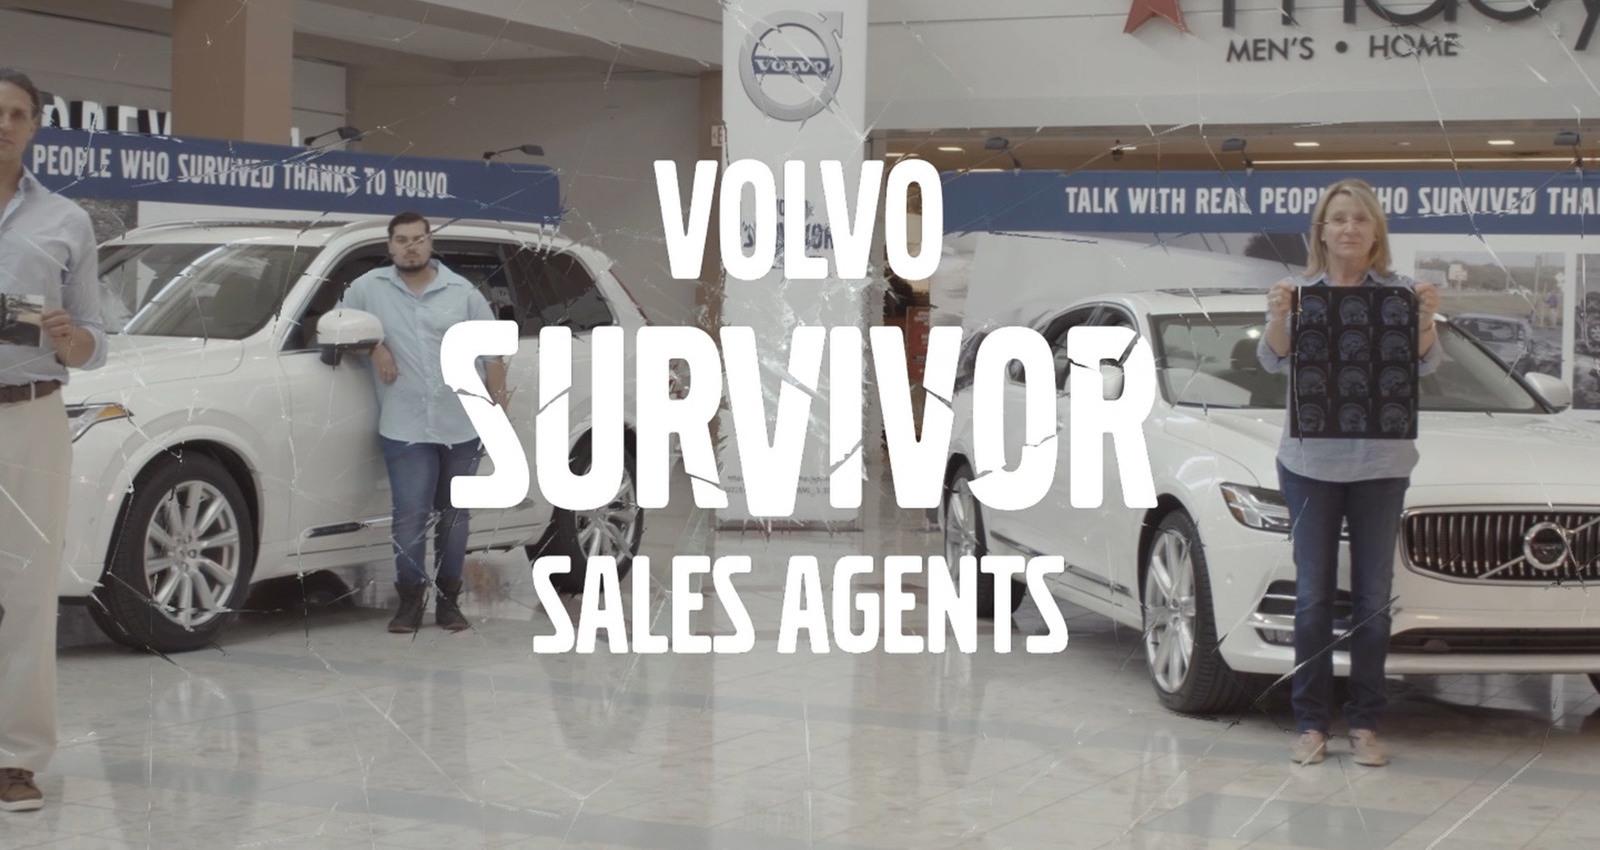 Volvo Survivor Sales Agents